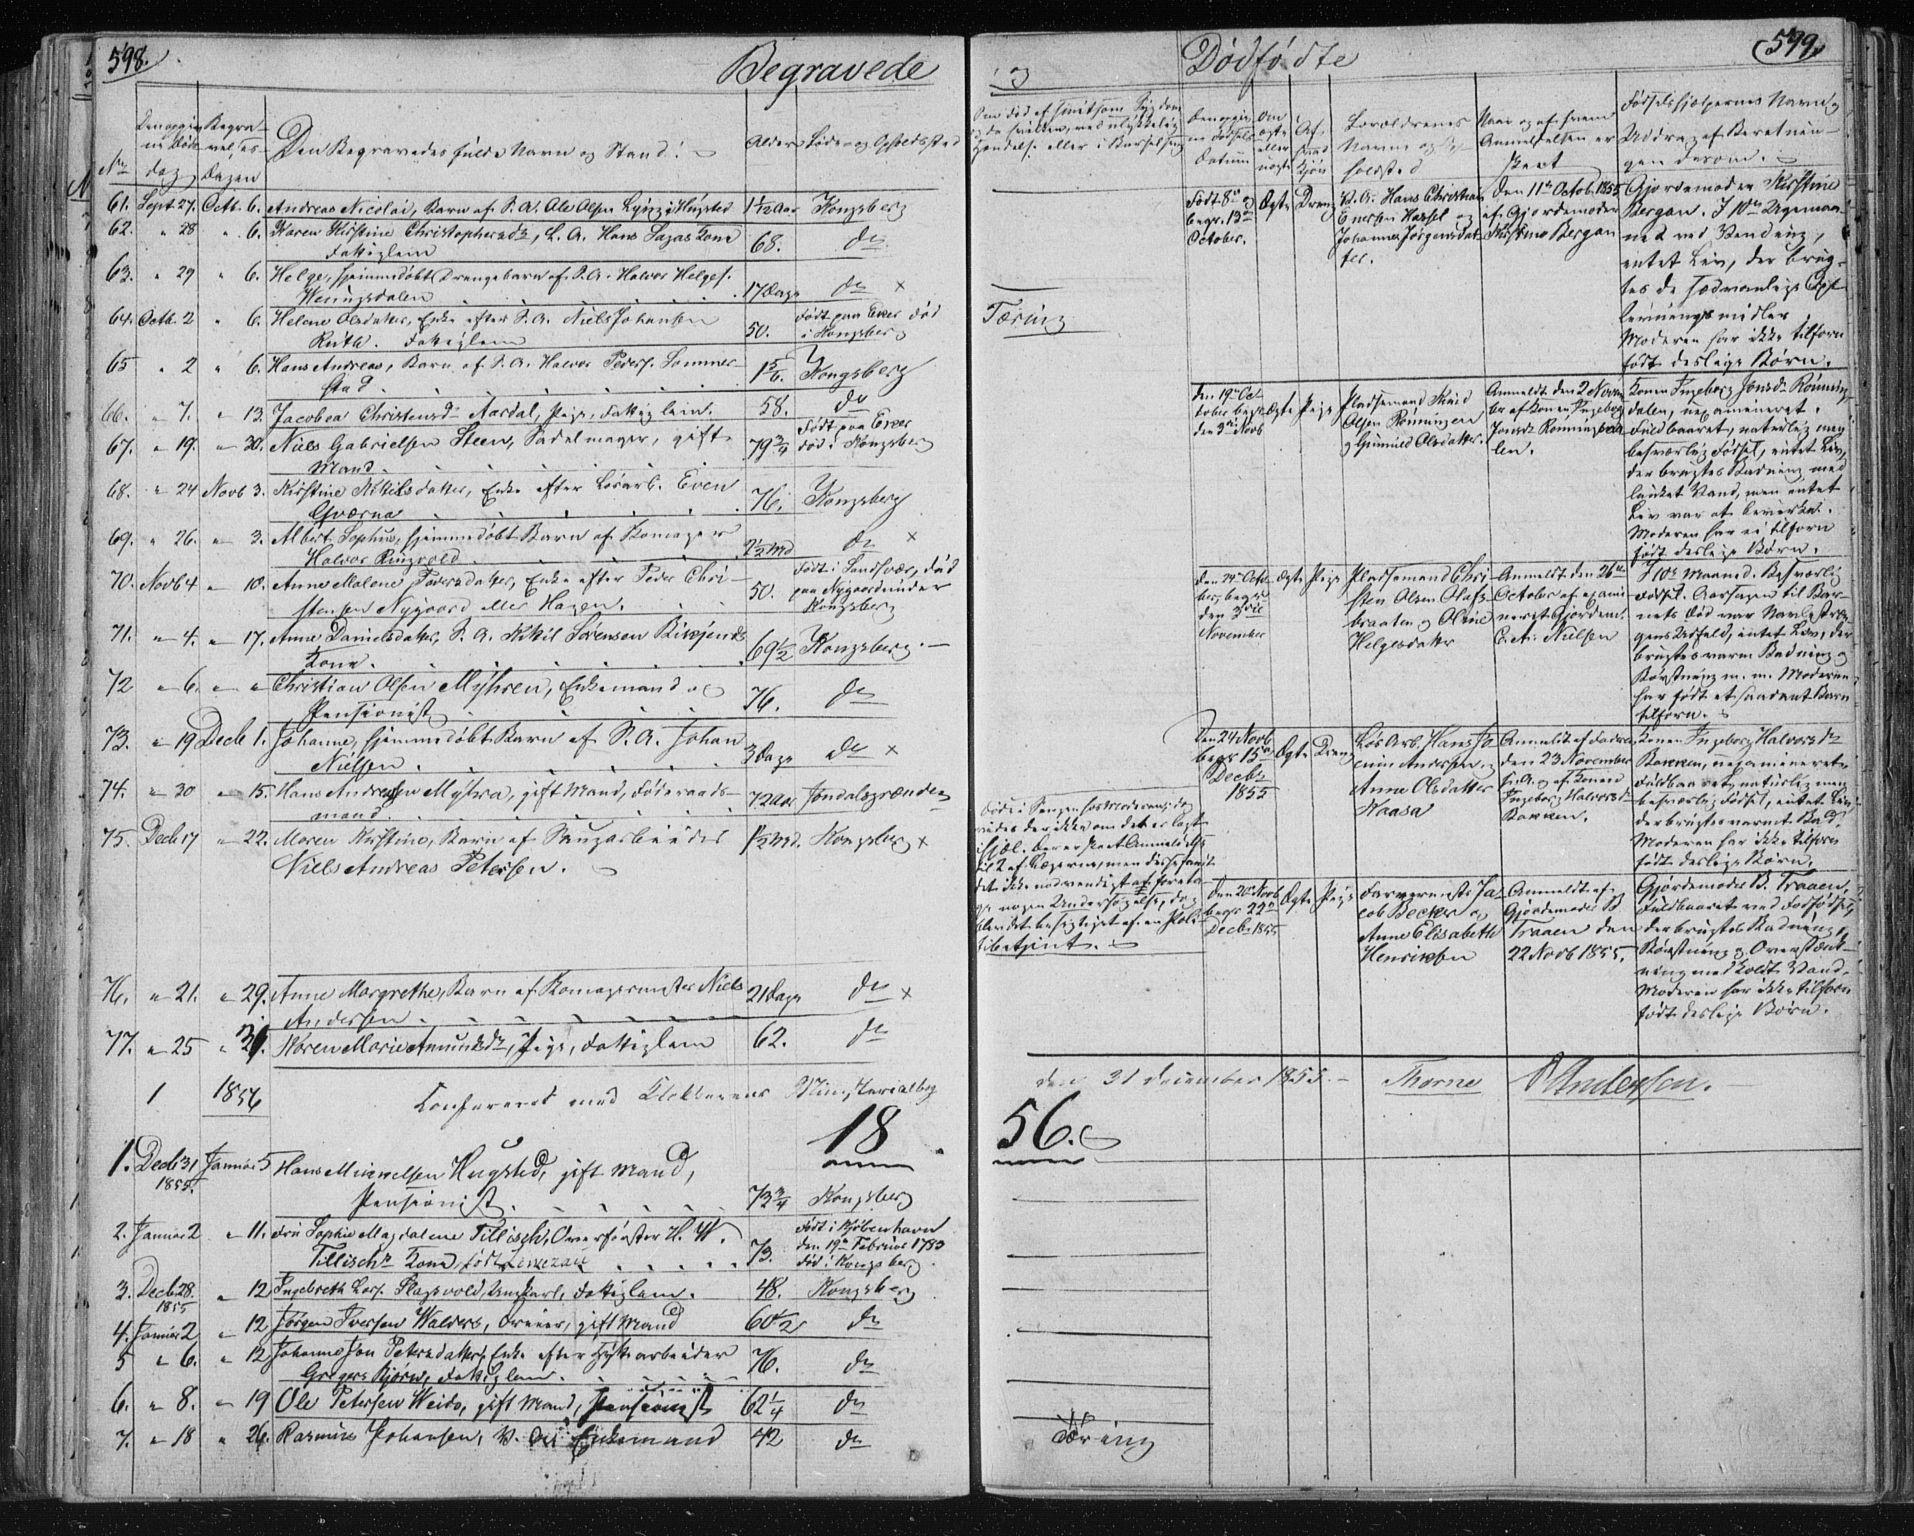 SAKO, Kongsberg kirkebøker, F/Fa/L0009: Ministerialbok nr. I 9, 1839-1858, s. 598-599